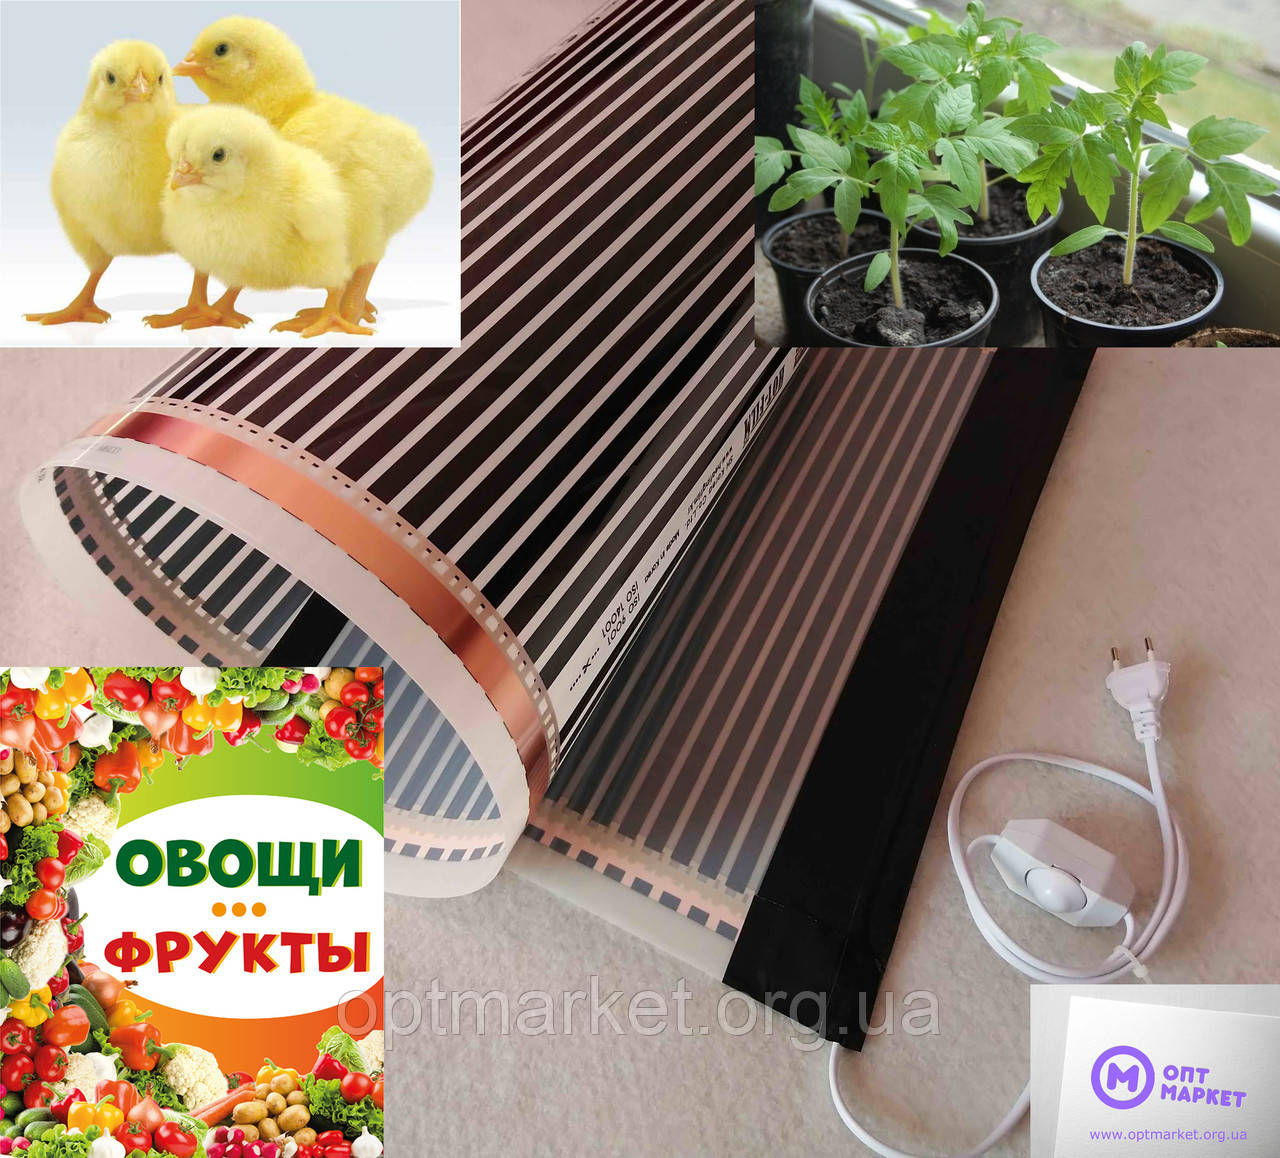 Электрический коврик-сушилка 100х400 (подогрев для цыплят, грунта, сушка для фруктов, грибов, ягод) 800Вт